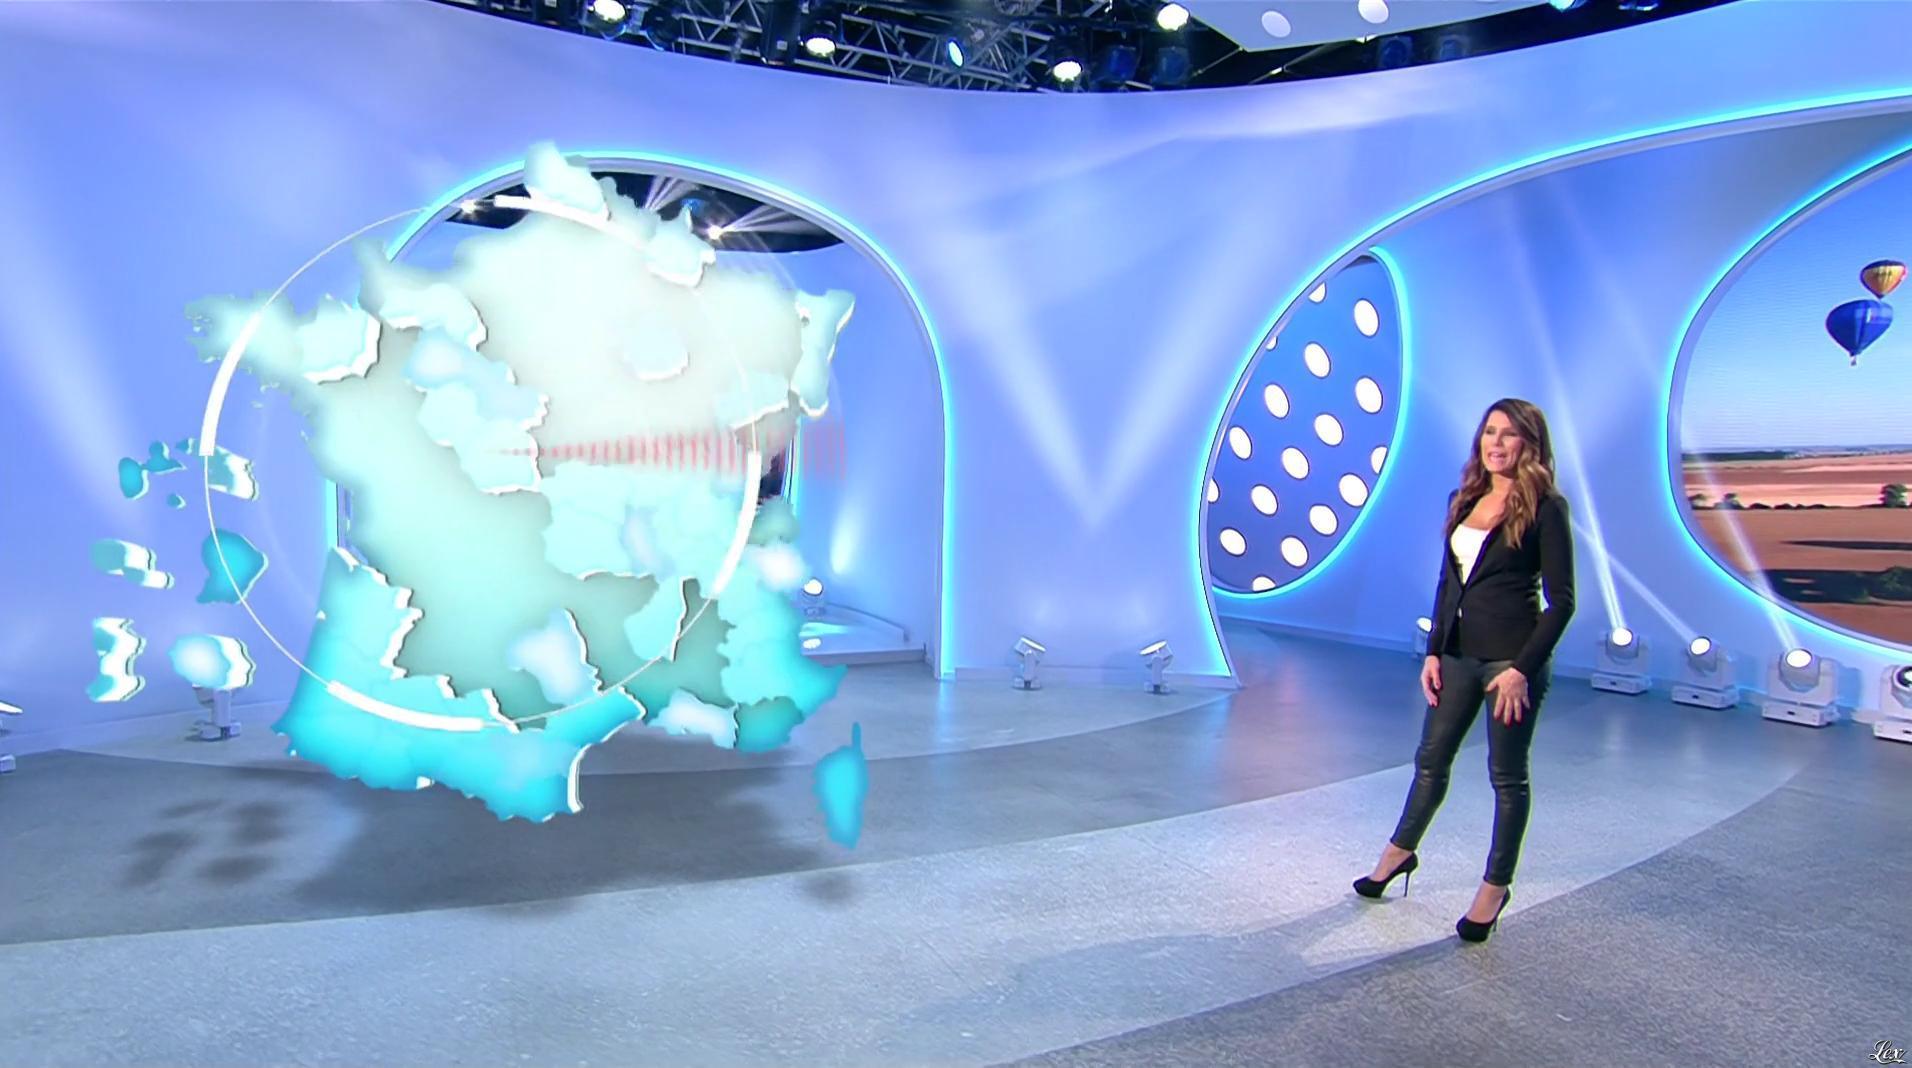 Karine Ferri lors du Tirage du Loto. Diffusé à la télévision le 30/11/16.